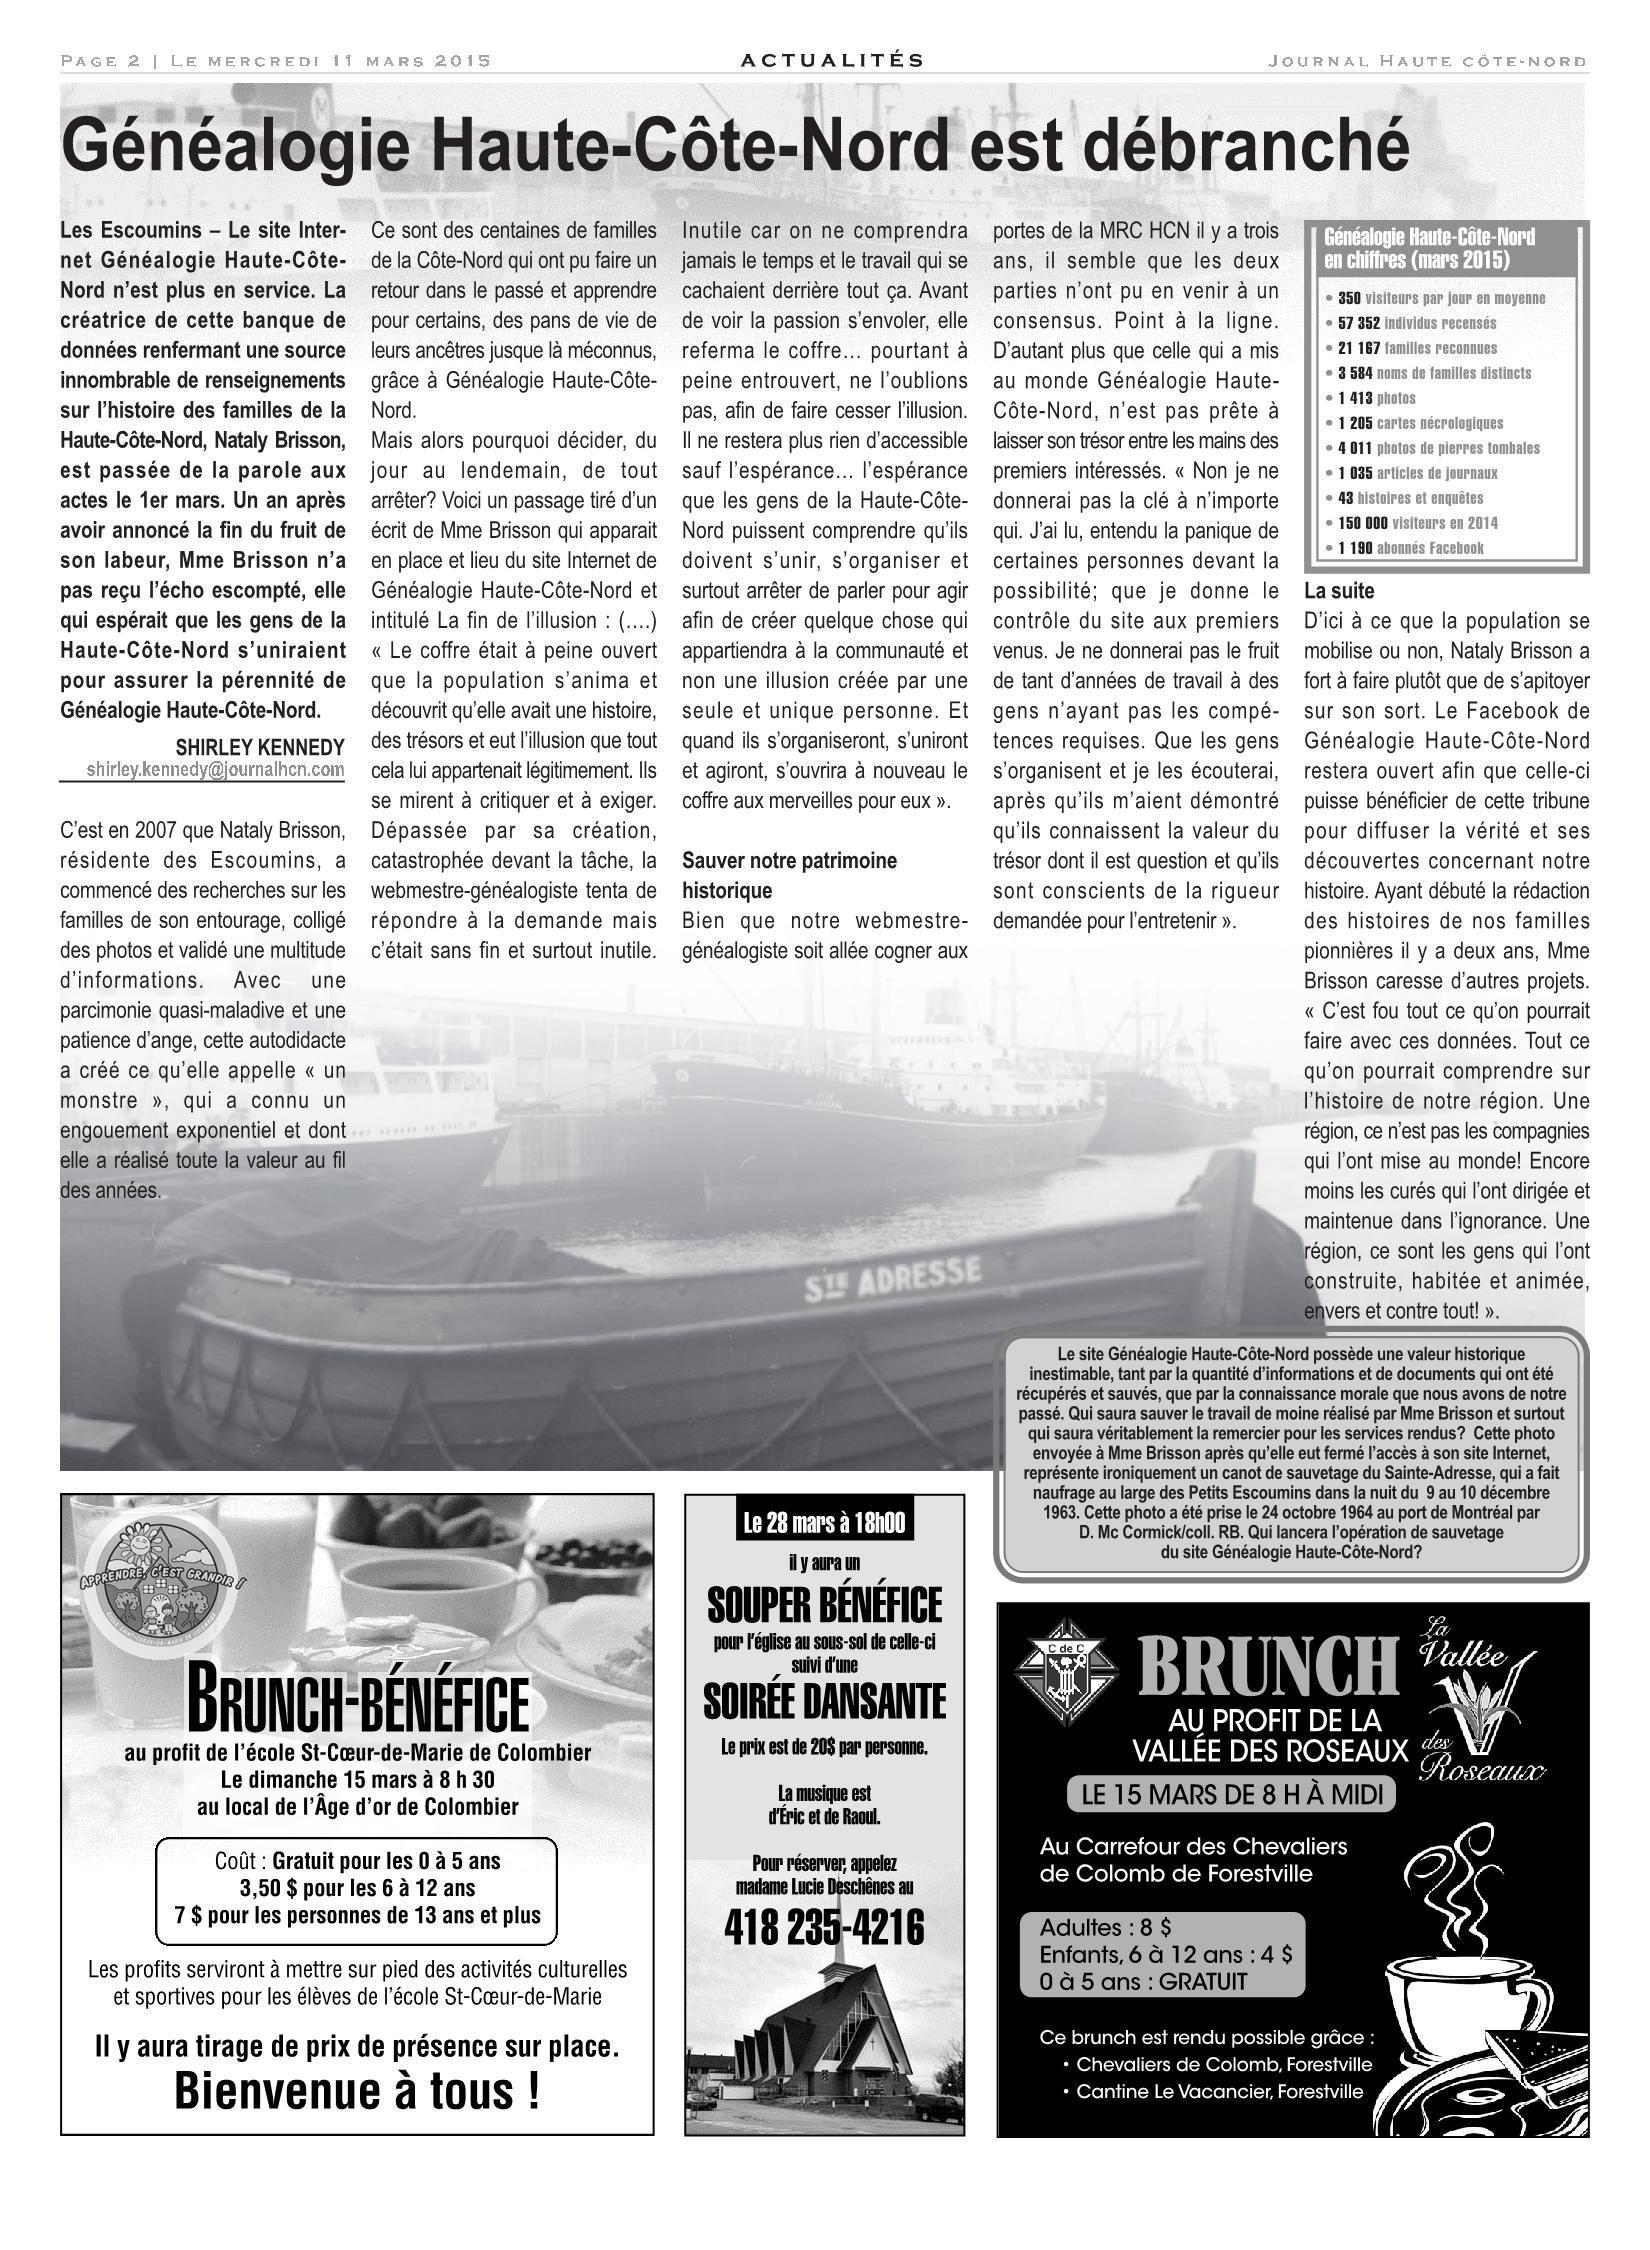 Le Haute-Côte-Nord 11 Mars 2015 Pages 1 - 32 - Text Version avec Mars De Maurice Careme A Imprimer